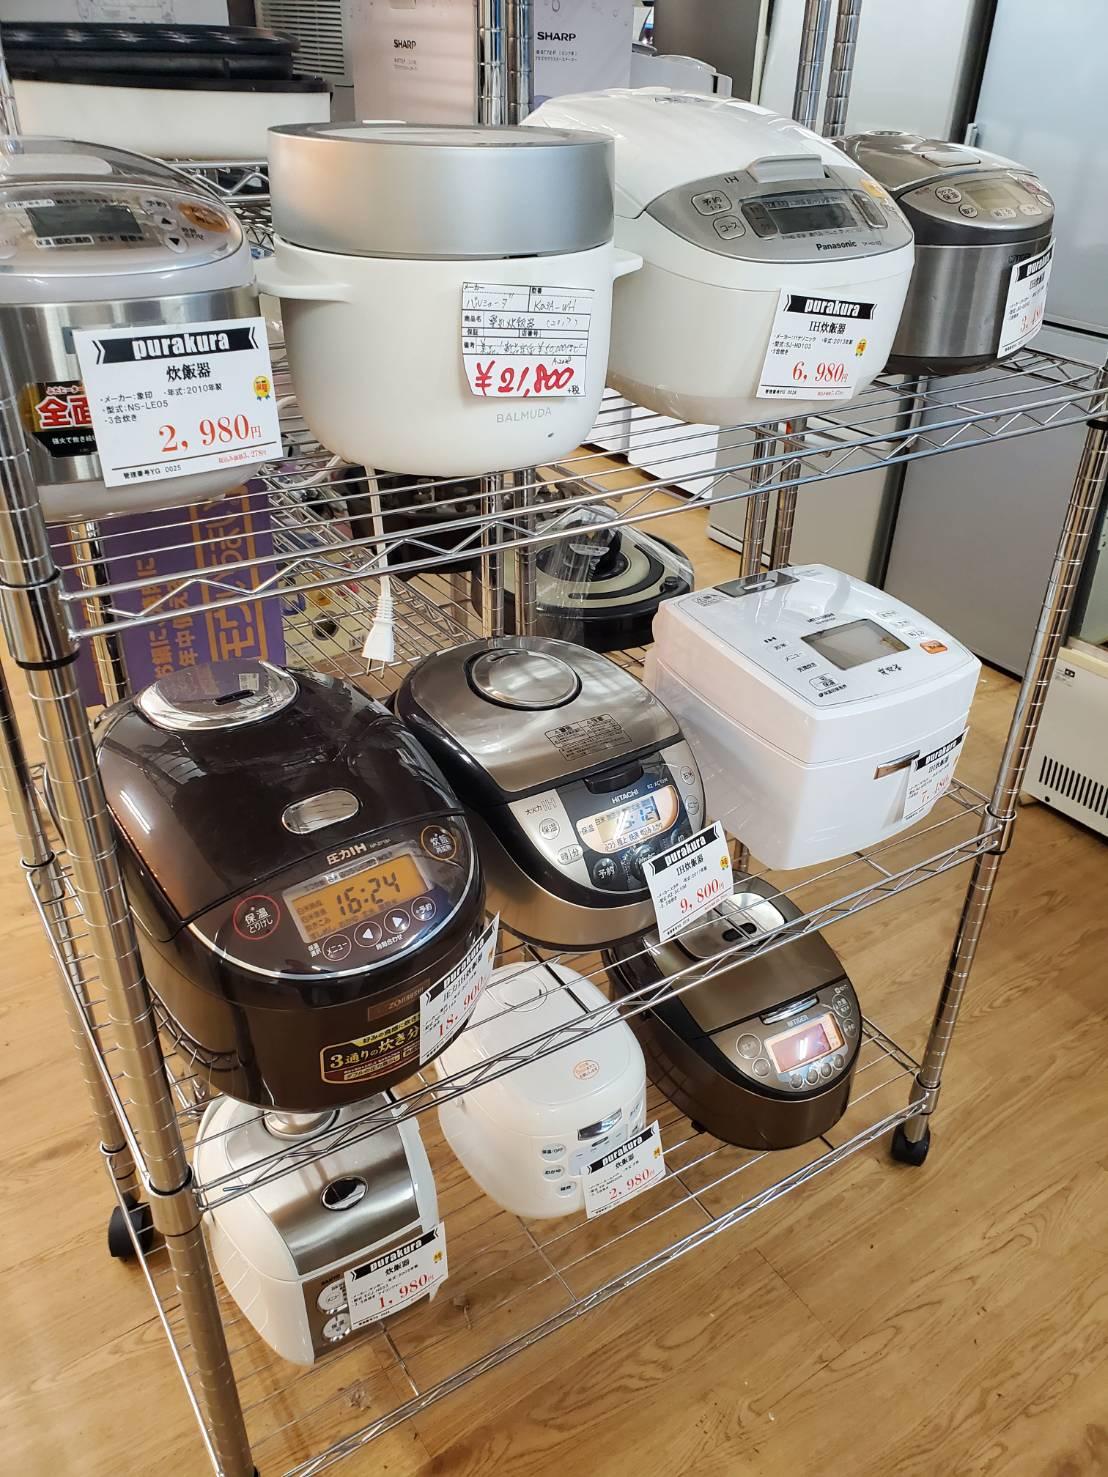 中古の炊飯器は札幌中央区リサイクルショップのプラクラで!